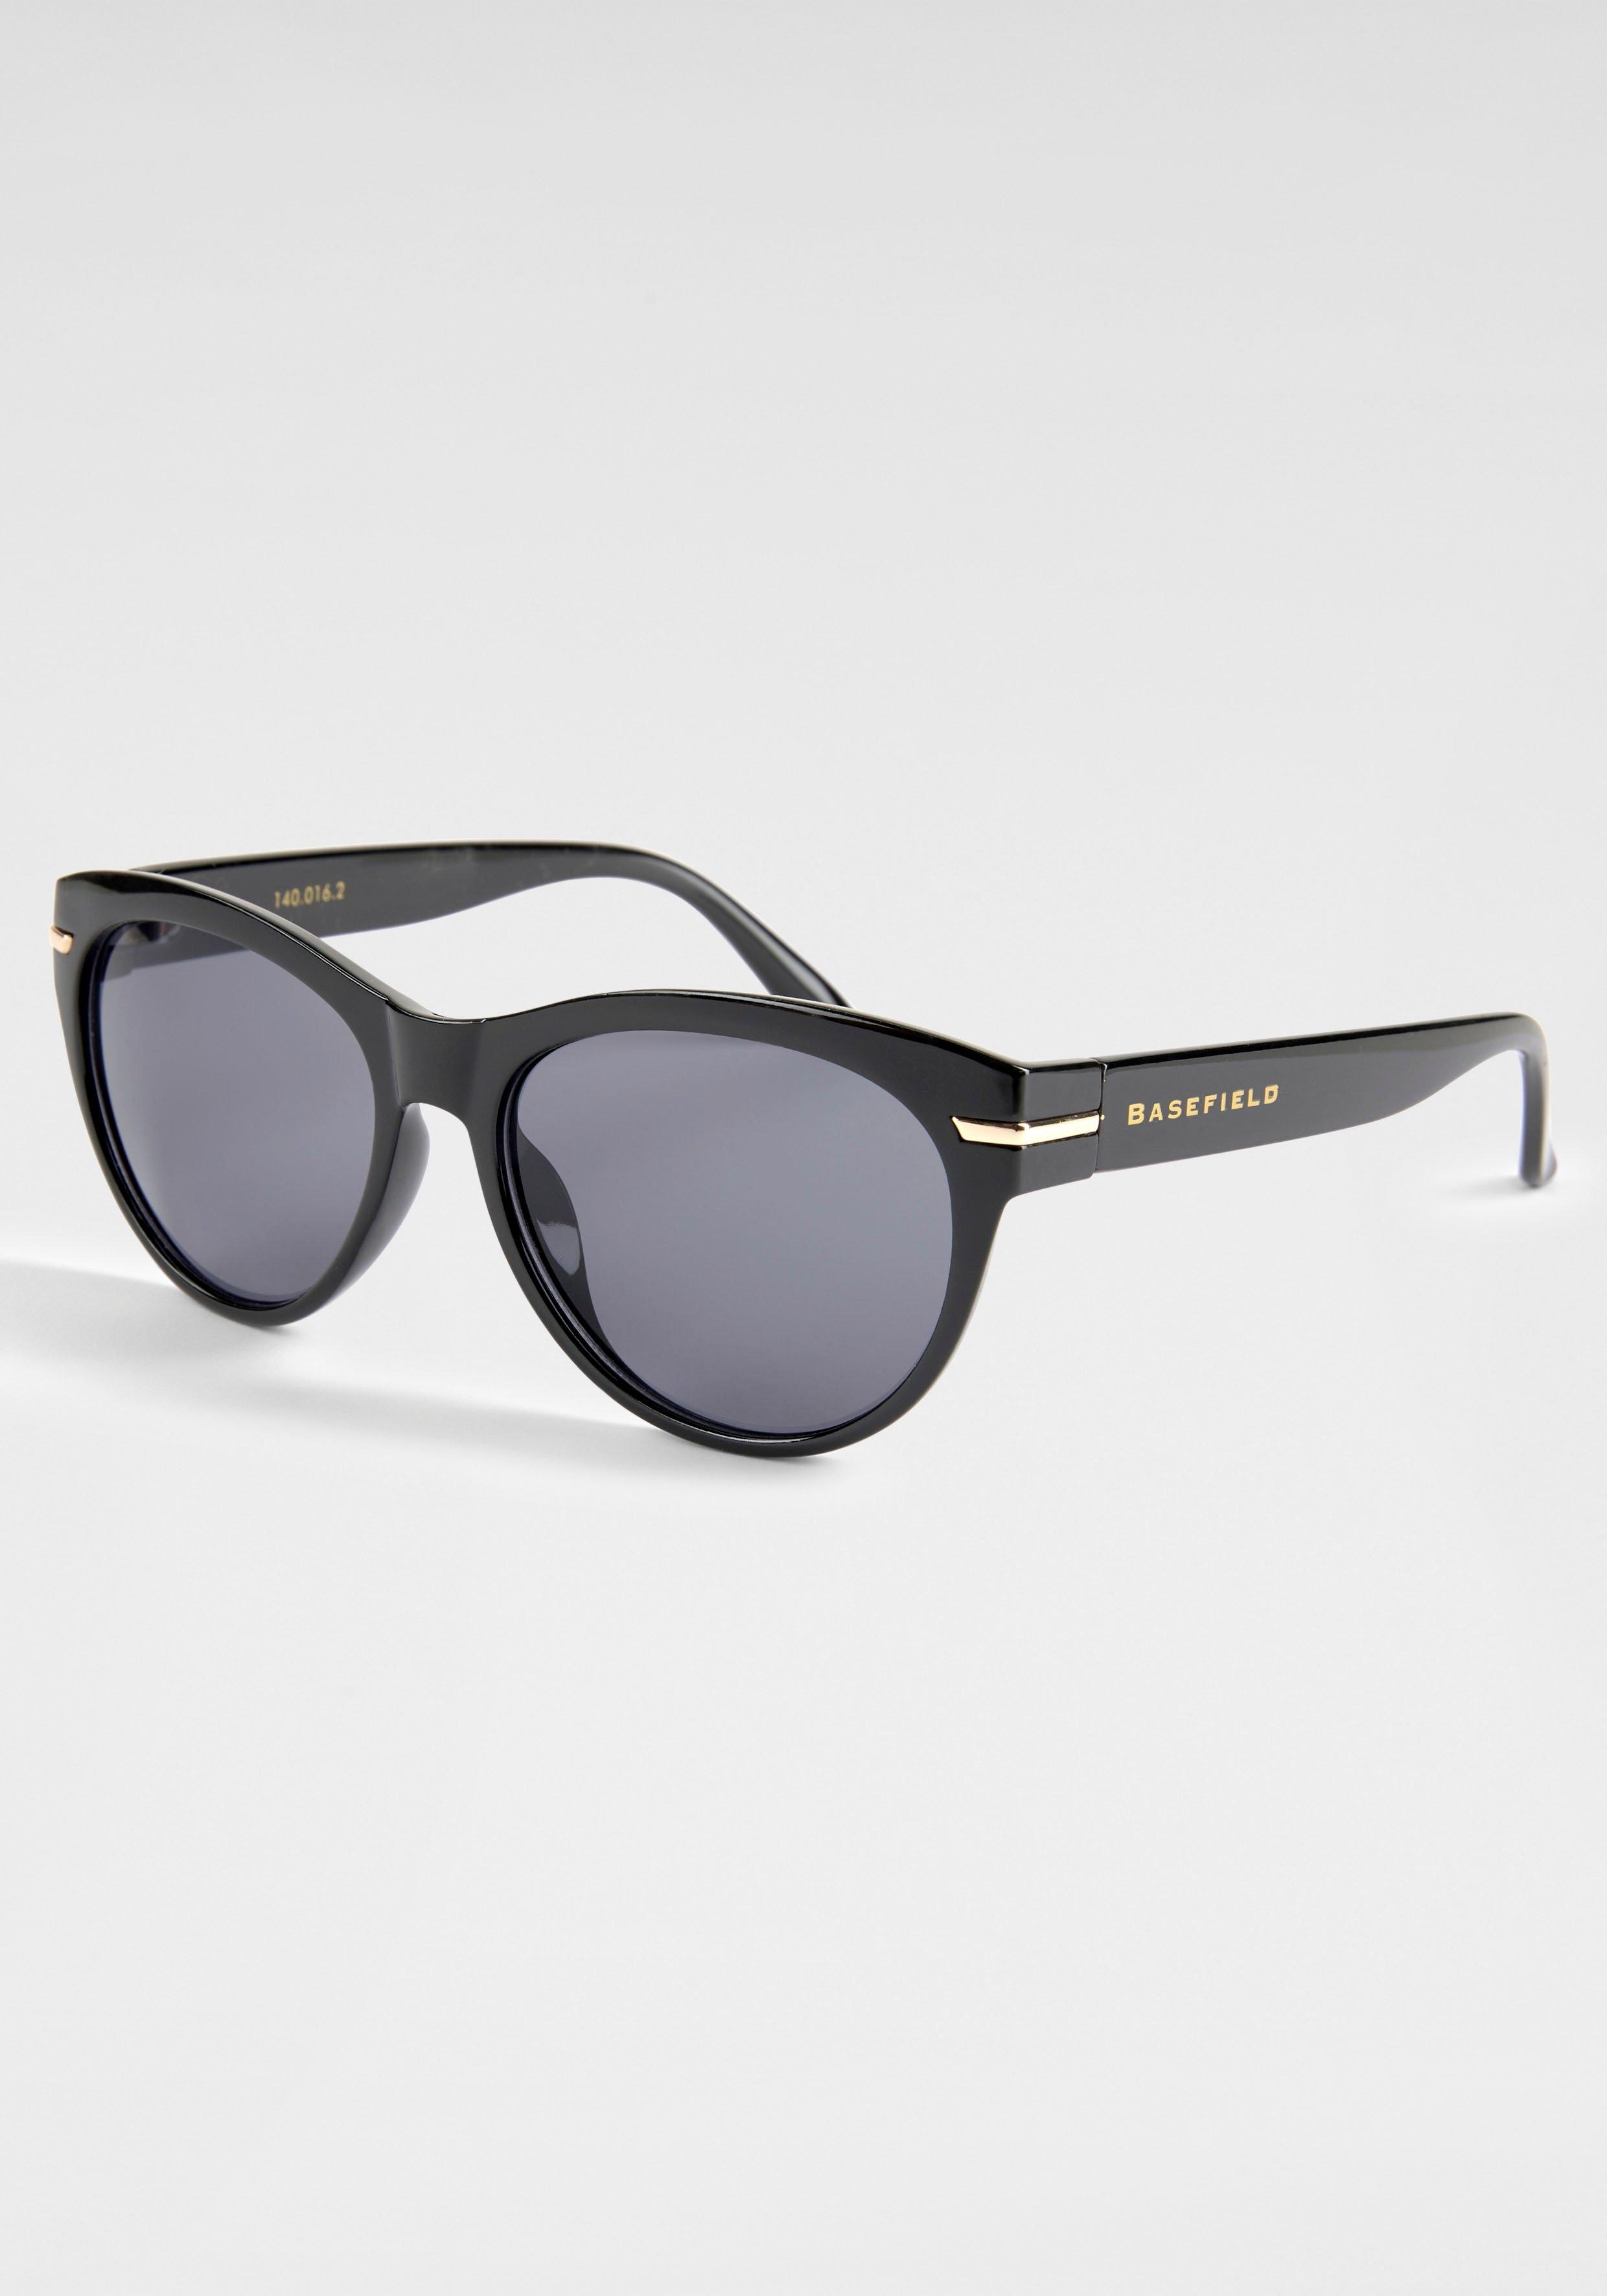 BASEFIELD zonnebril met logo-opschrift op de beugel - verschillende betaalmethodes